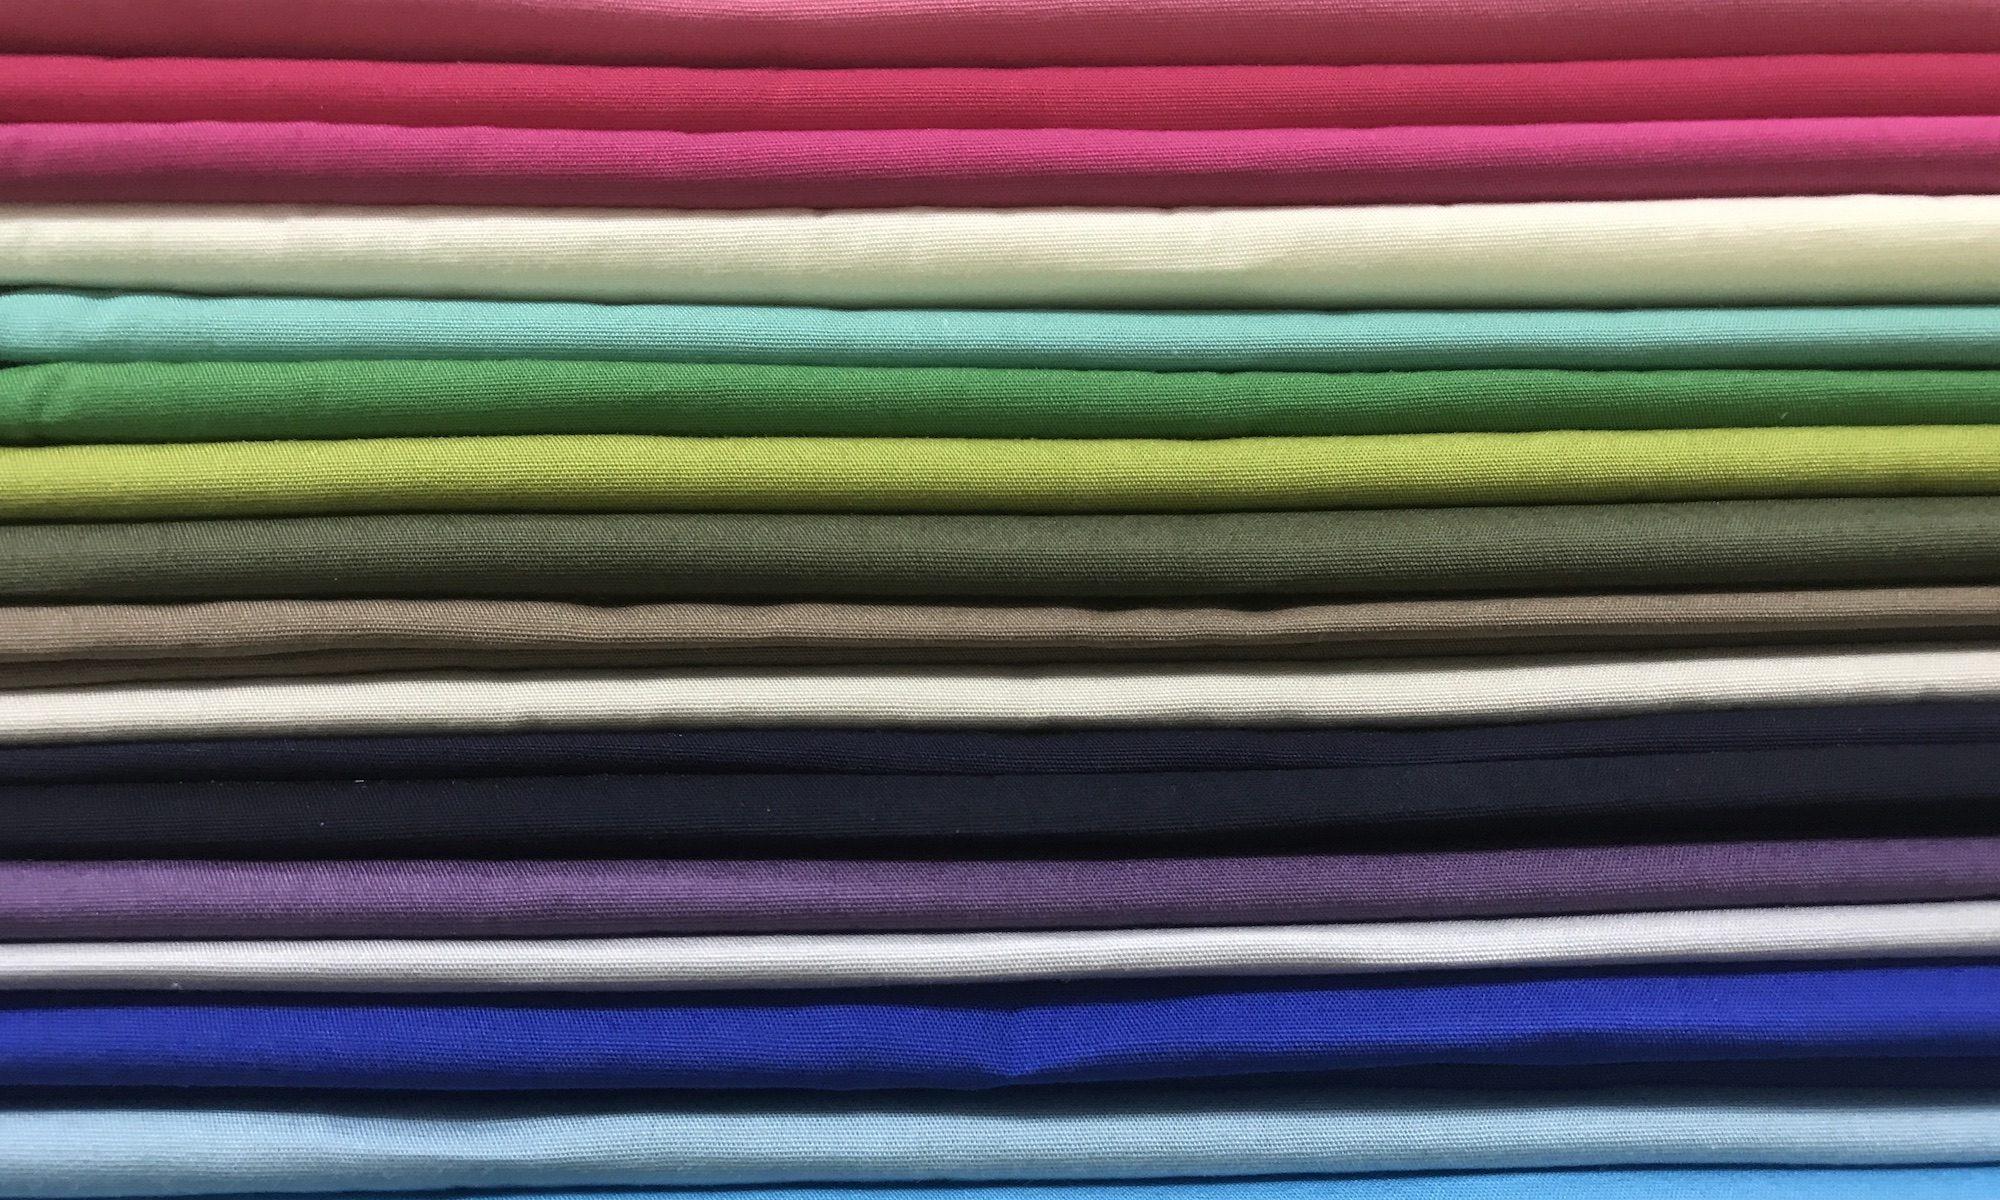 BSK Textiles